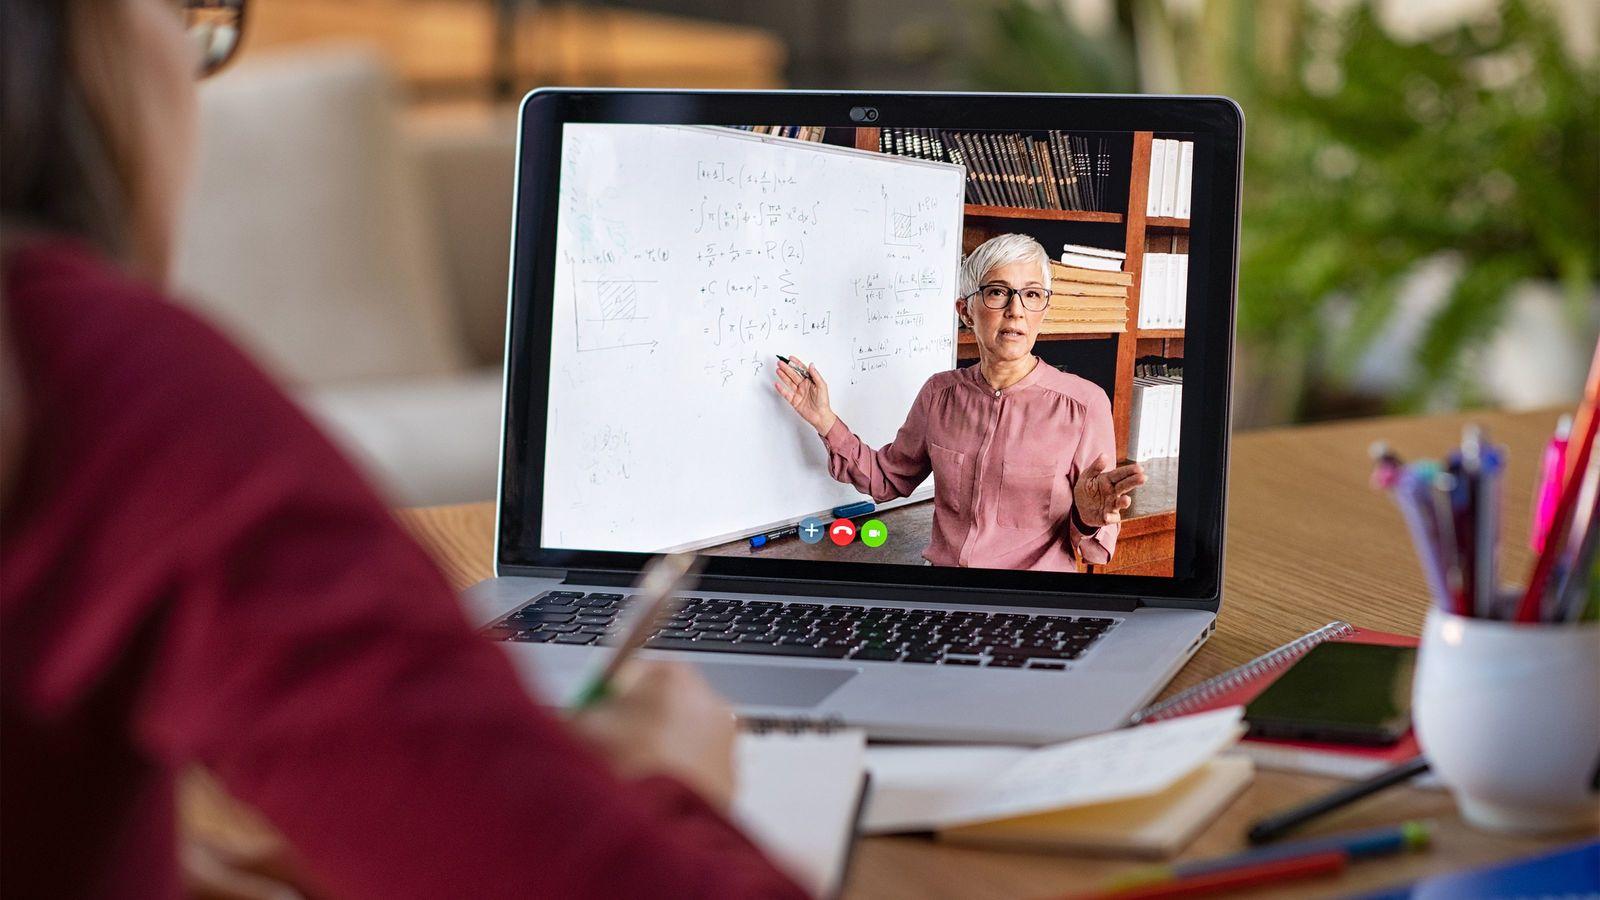 「オンライン授業だけでは不十分」現役教師が声を挙げるワケ 現役高校教師が体験談を明かす